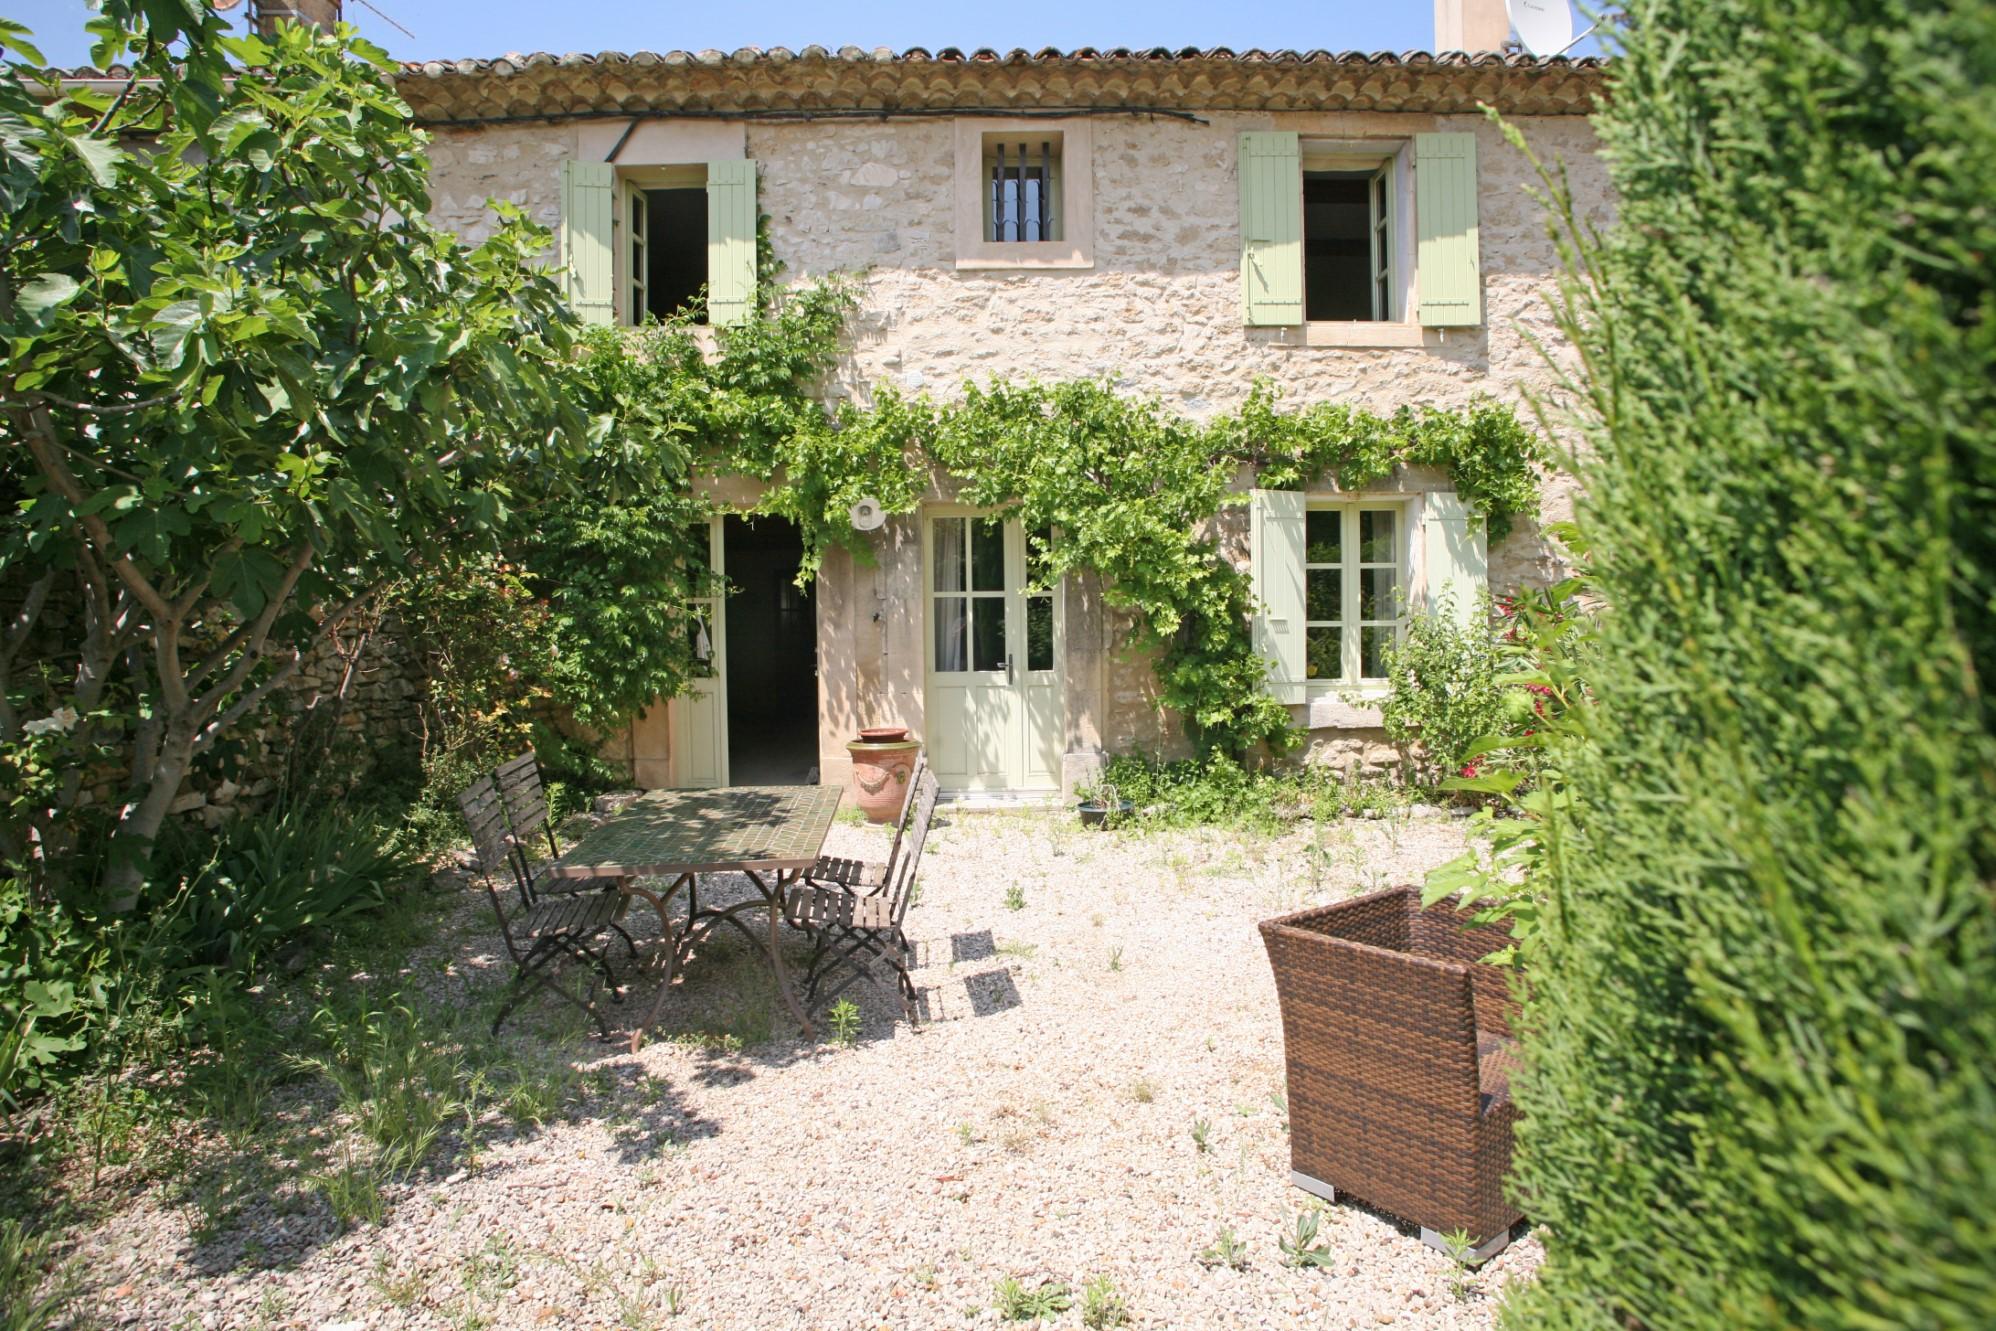 Maison de hameau avec jardin et piscine, à vendre à Gordes